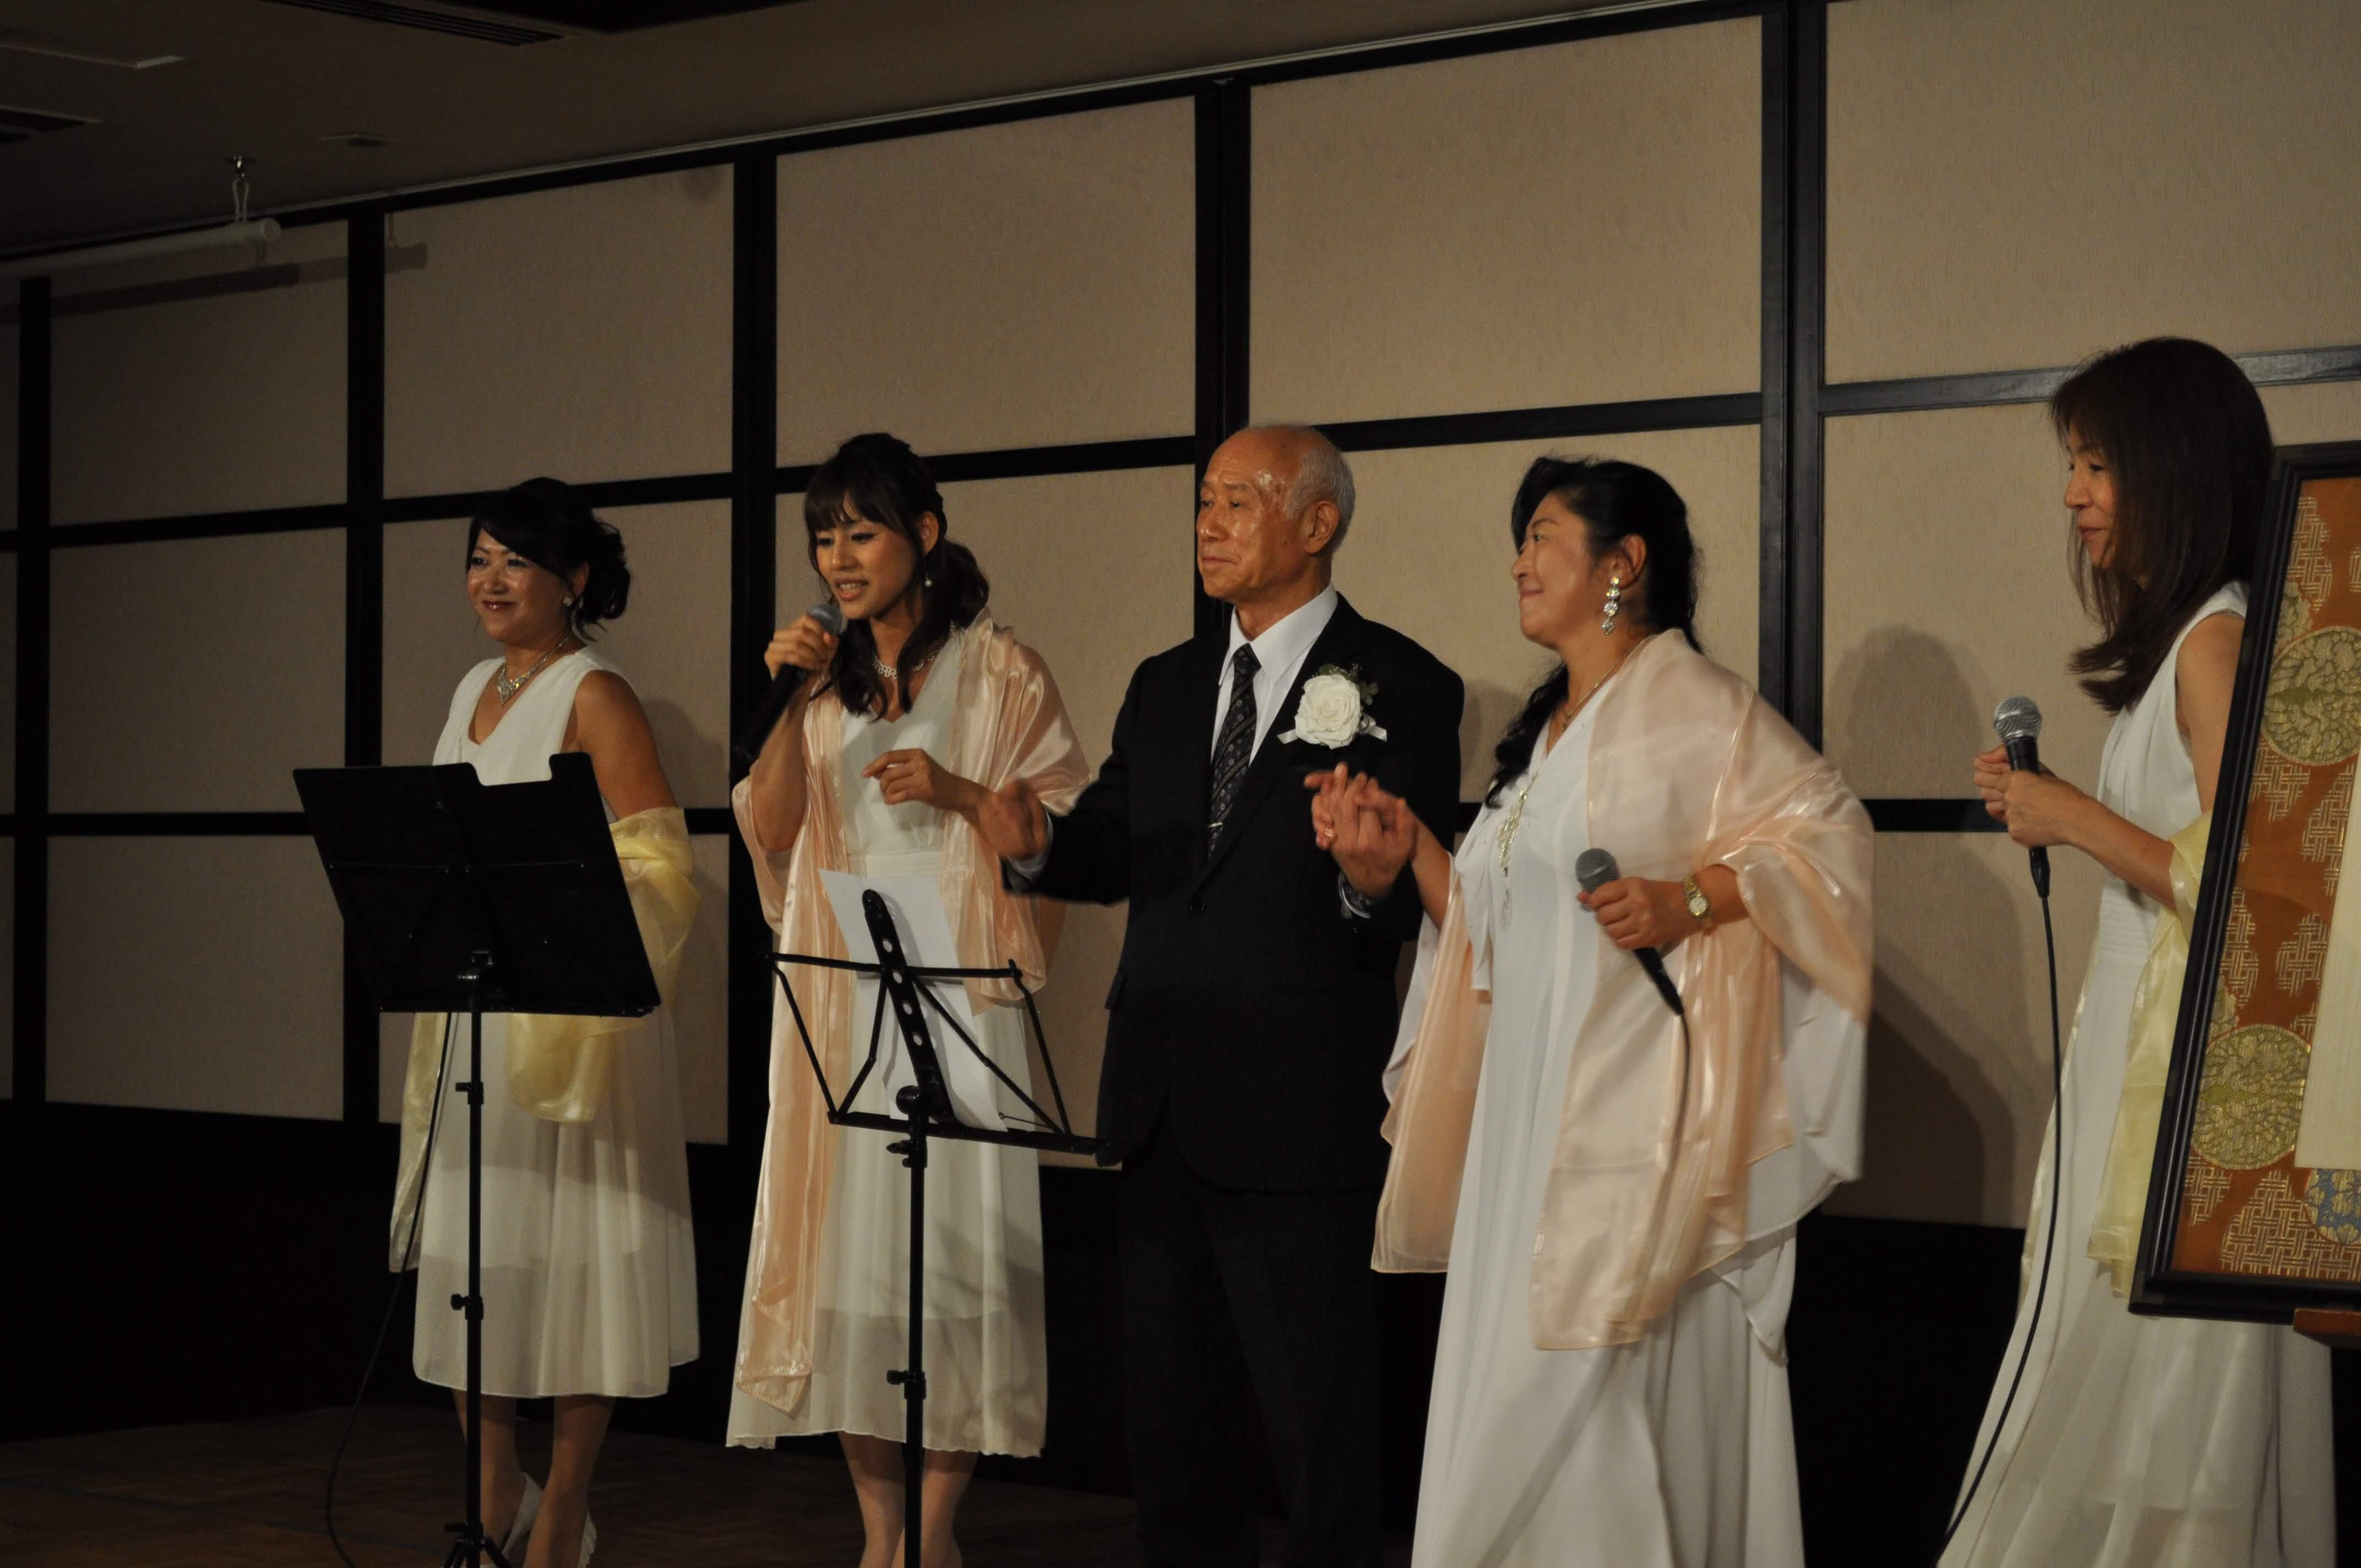 DSC 0531 1 - 思風会全国大会in広島